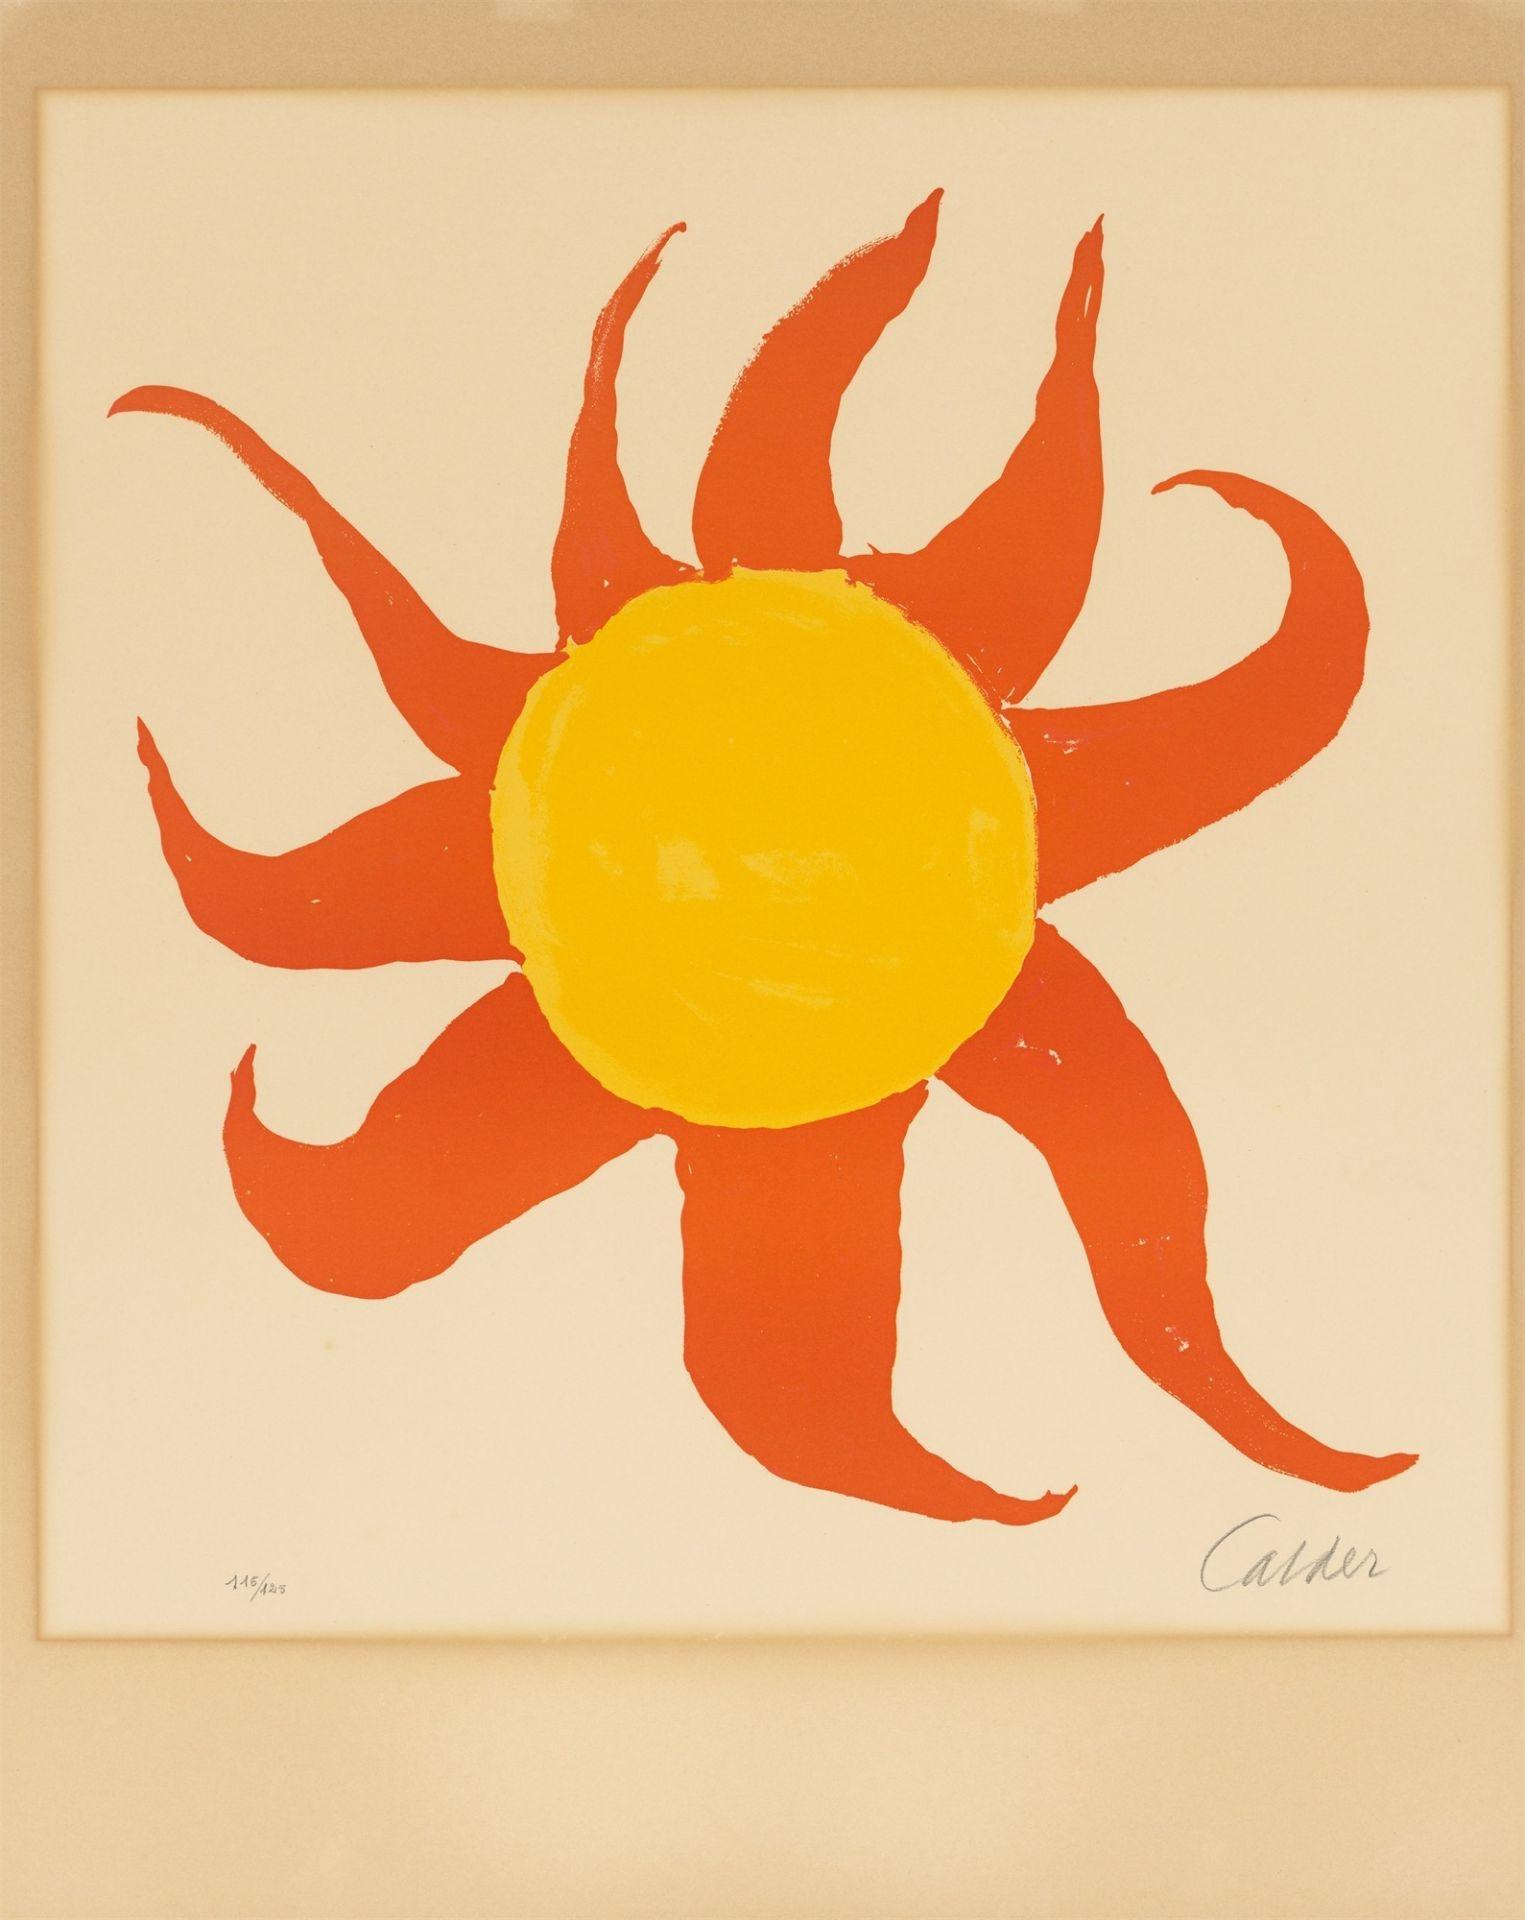 Alexander Calder. Red Sun. 1970 - Image 2 of 4